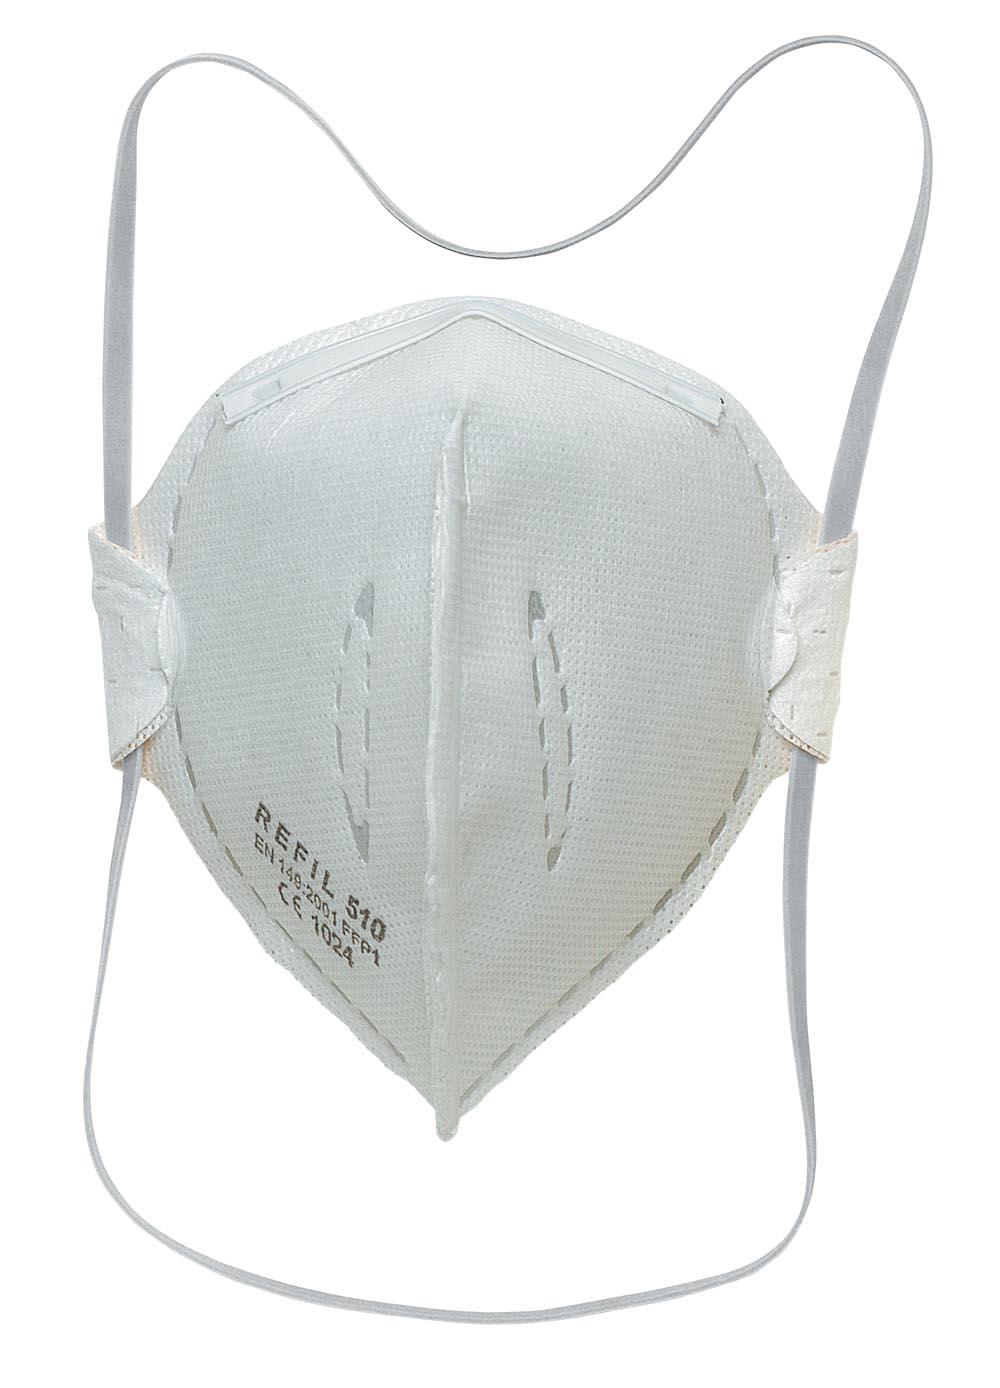 REFIL 530 FFP2 szelep nélküli maszk